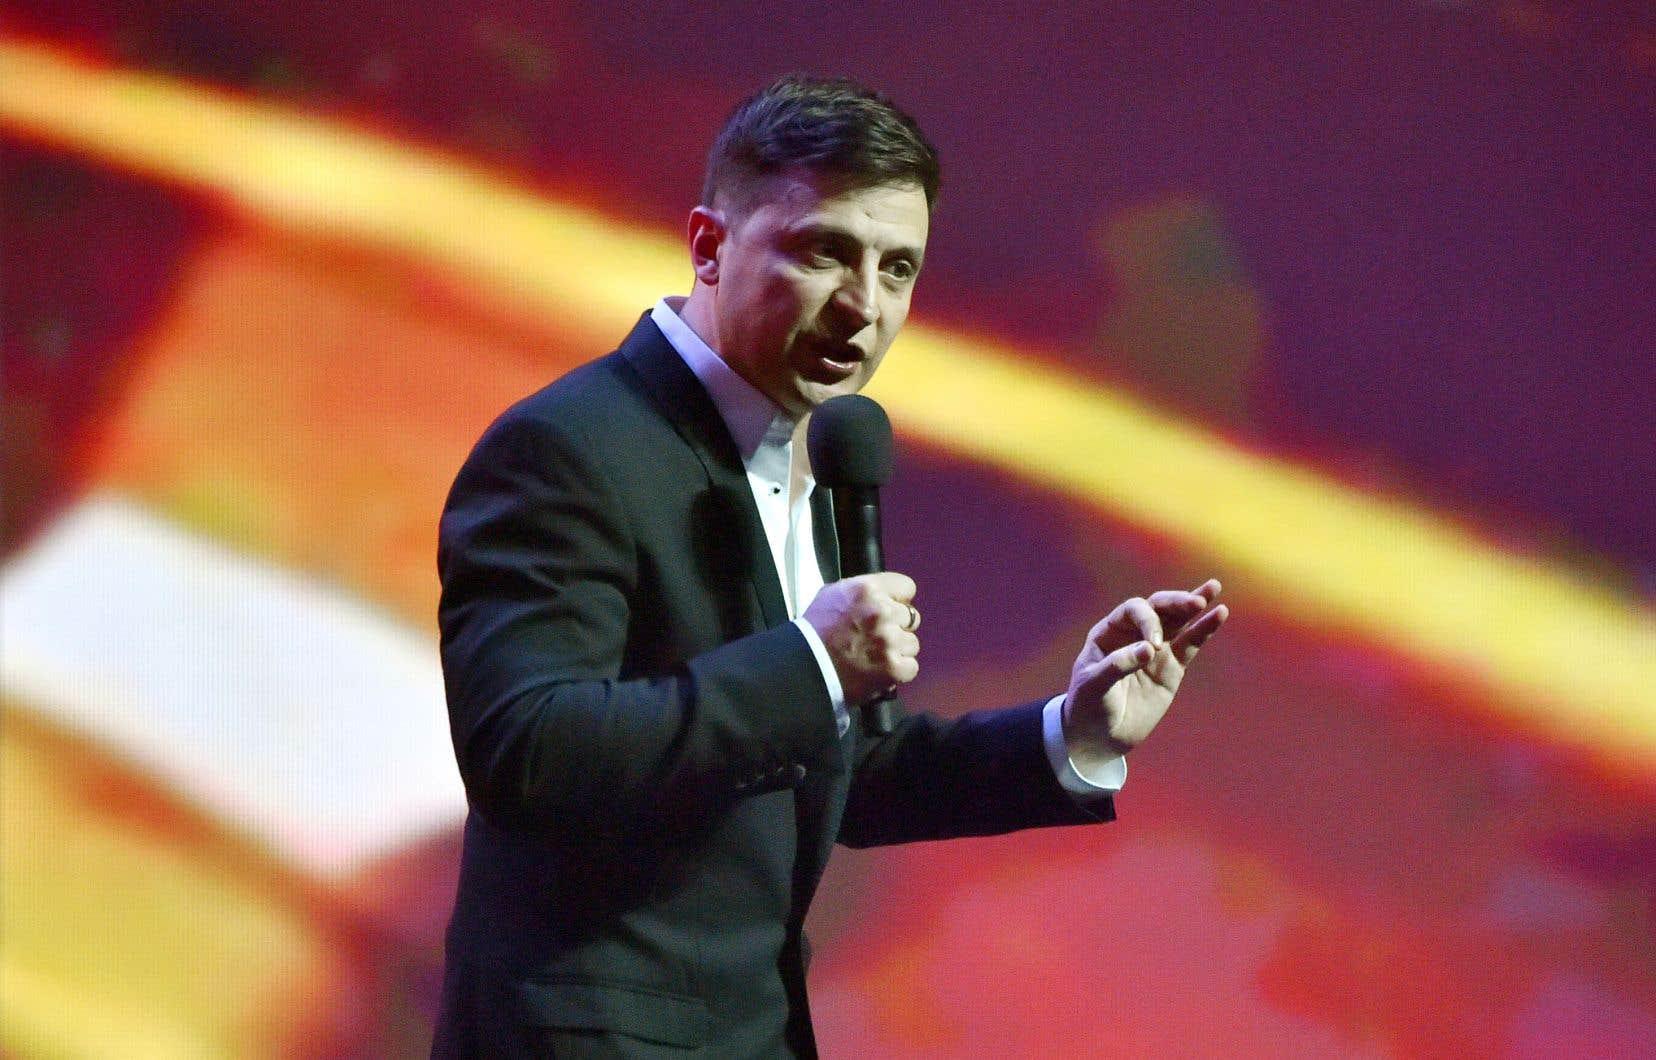 Figure de la scène humoristique ukrainienne et héros d'une comédie télévisée populaire, Volodymyr Zelensky est devenu l'an dernier président de son pays.